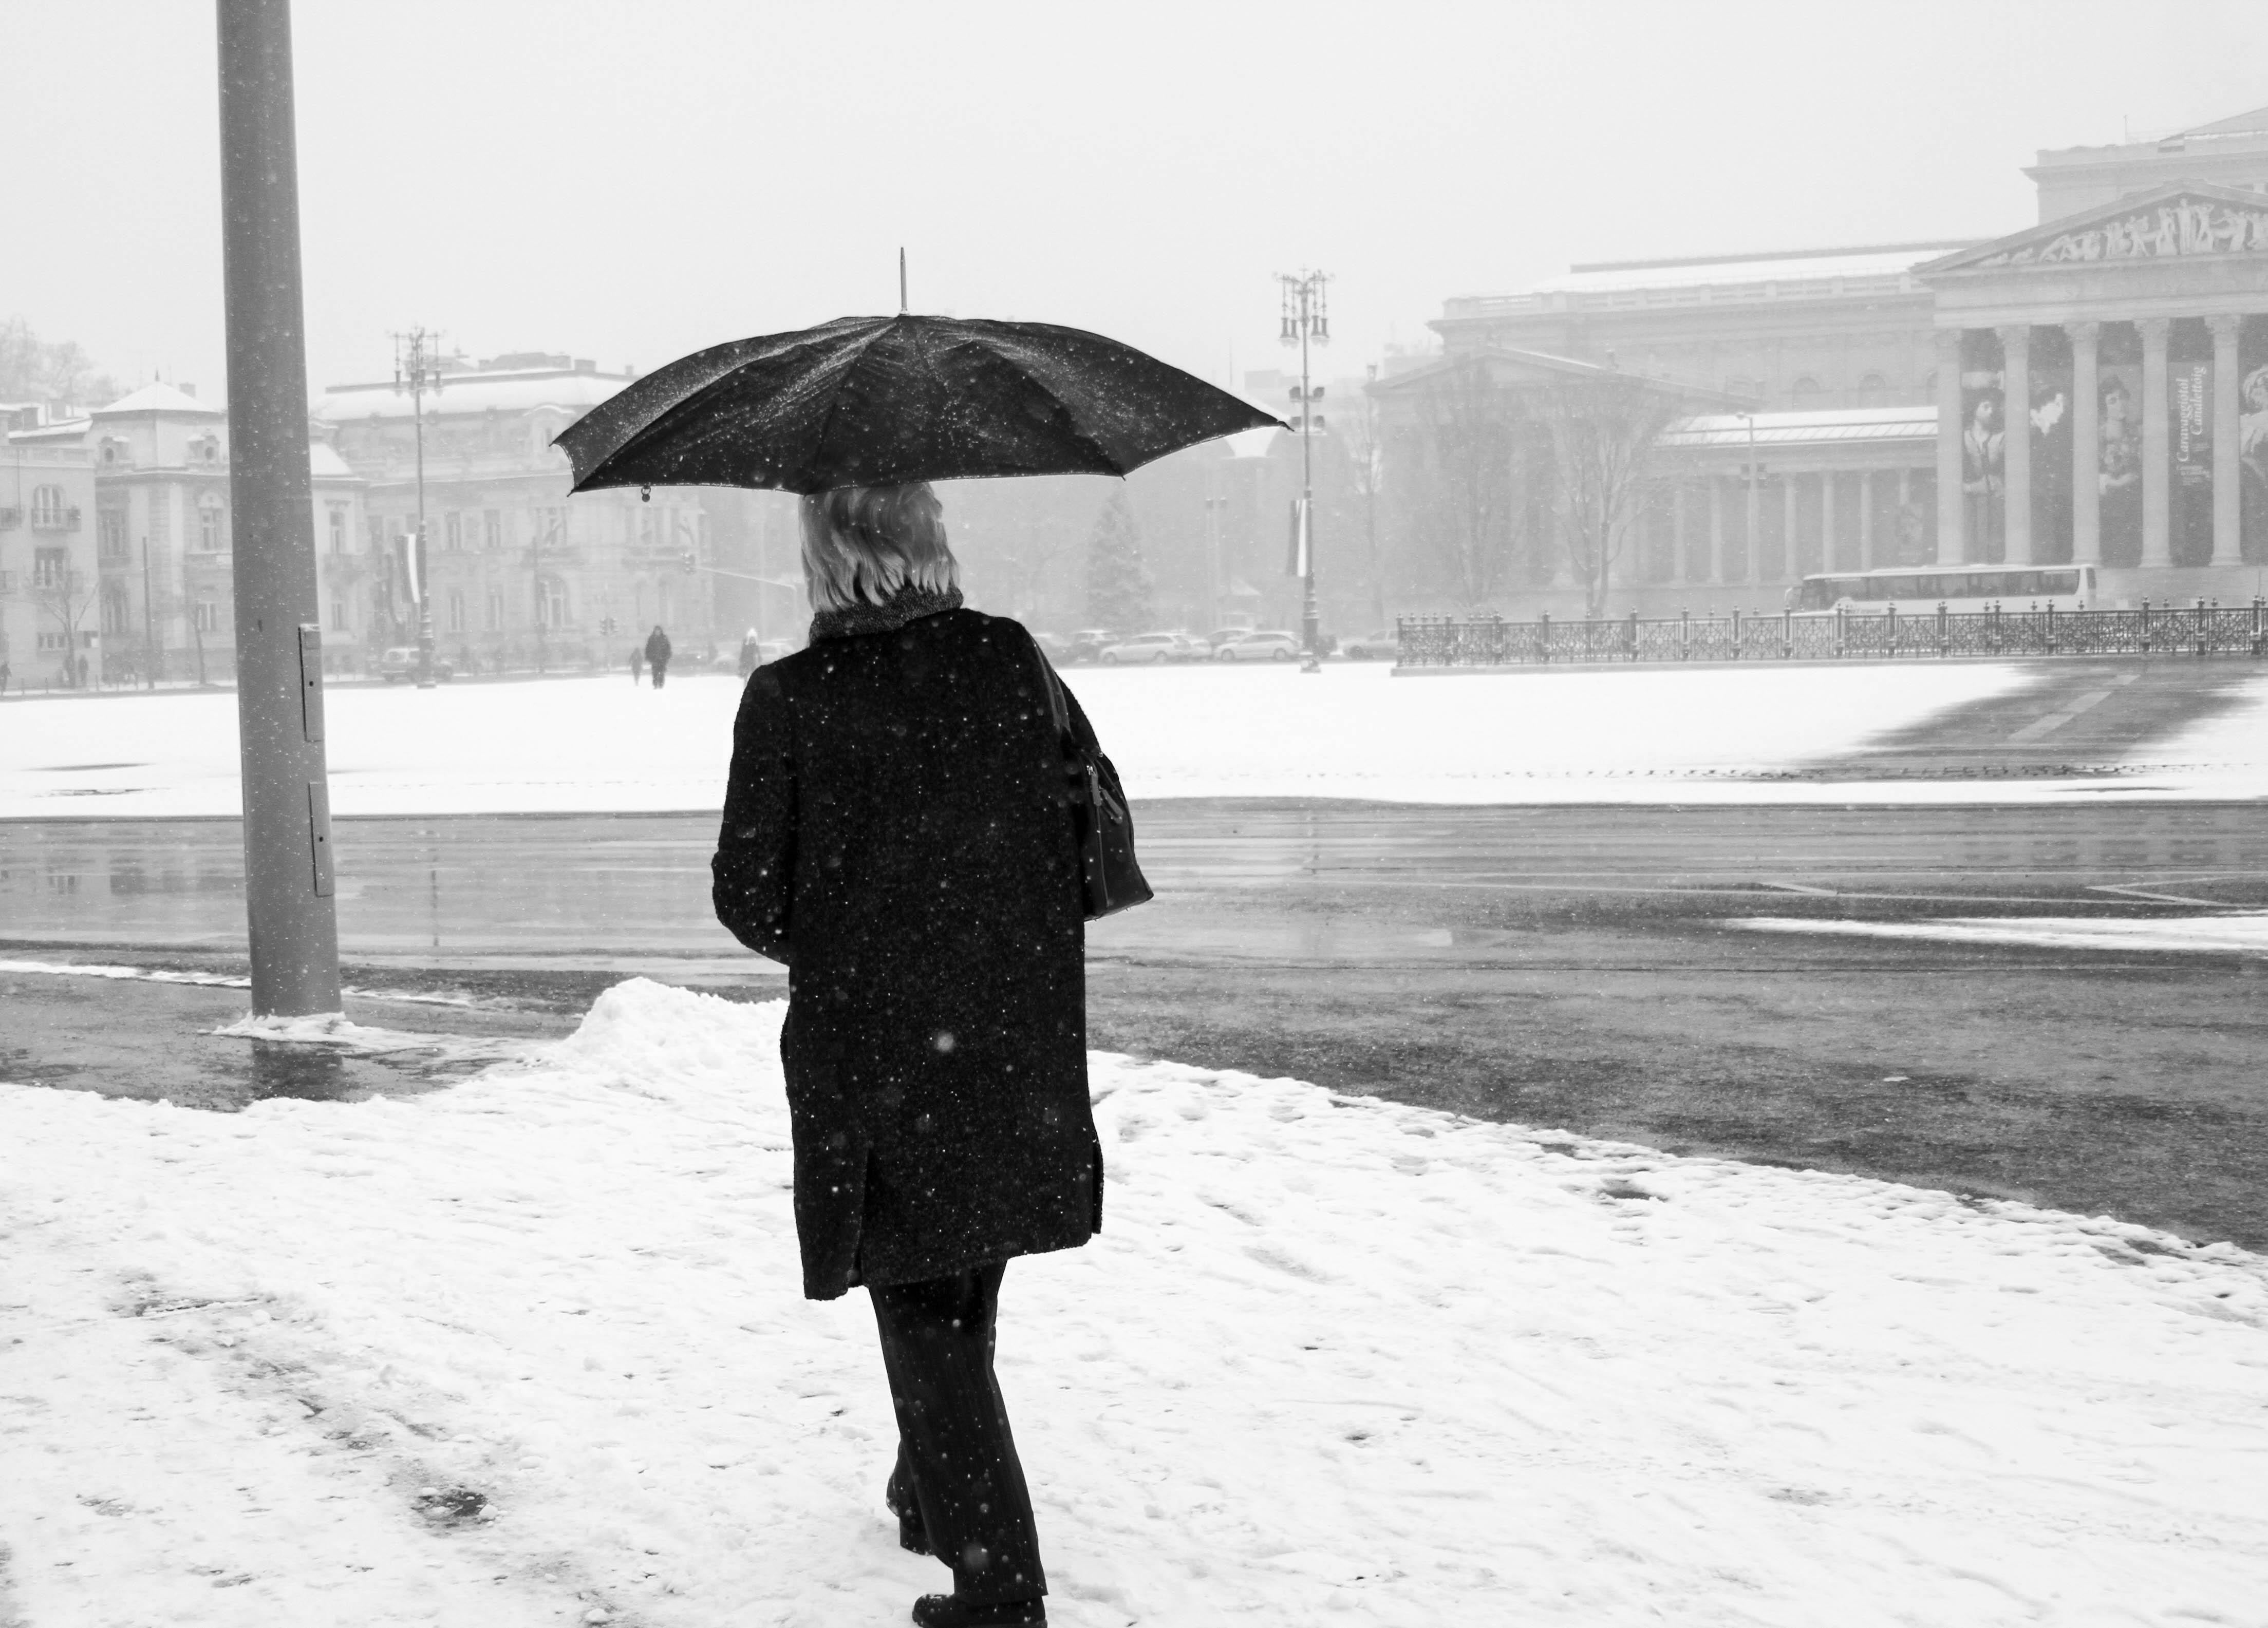 Gambar Musim Dingin Hitam Dan Putih Hujan Payung Cuaca